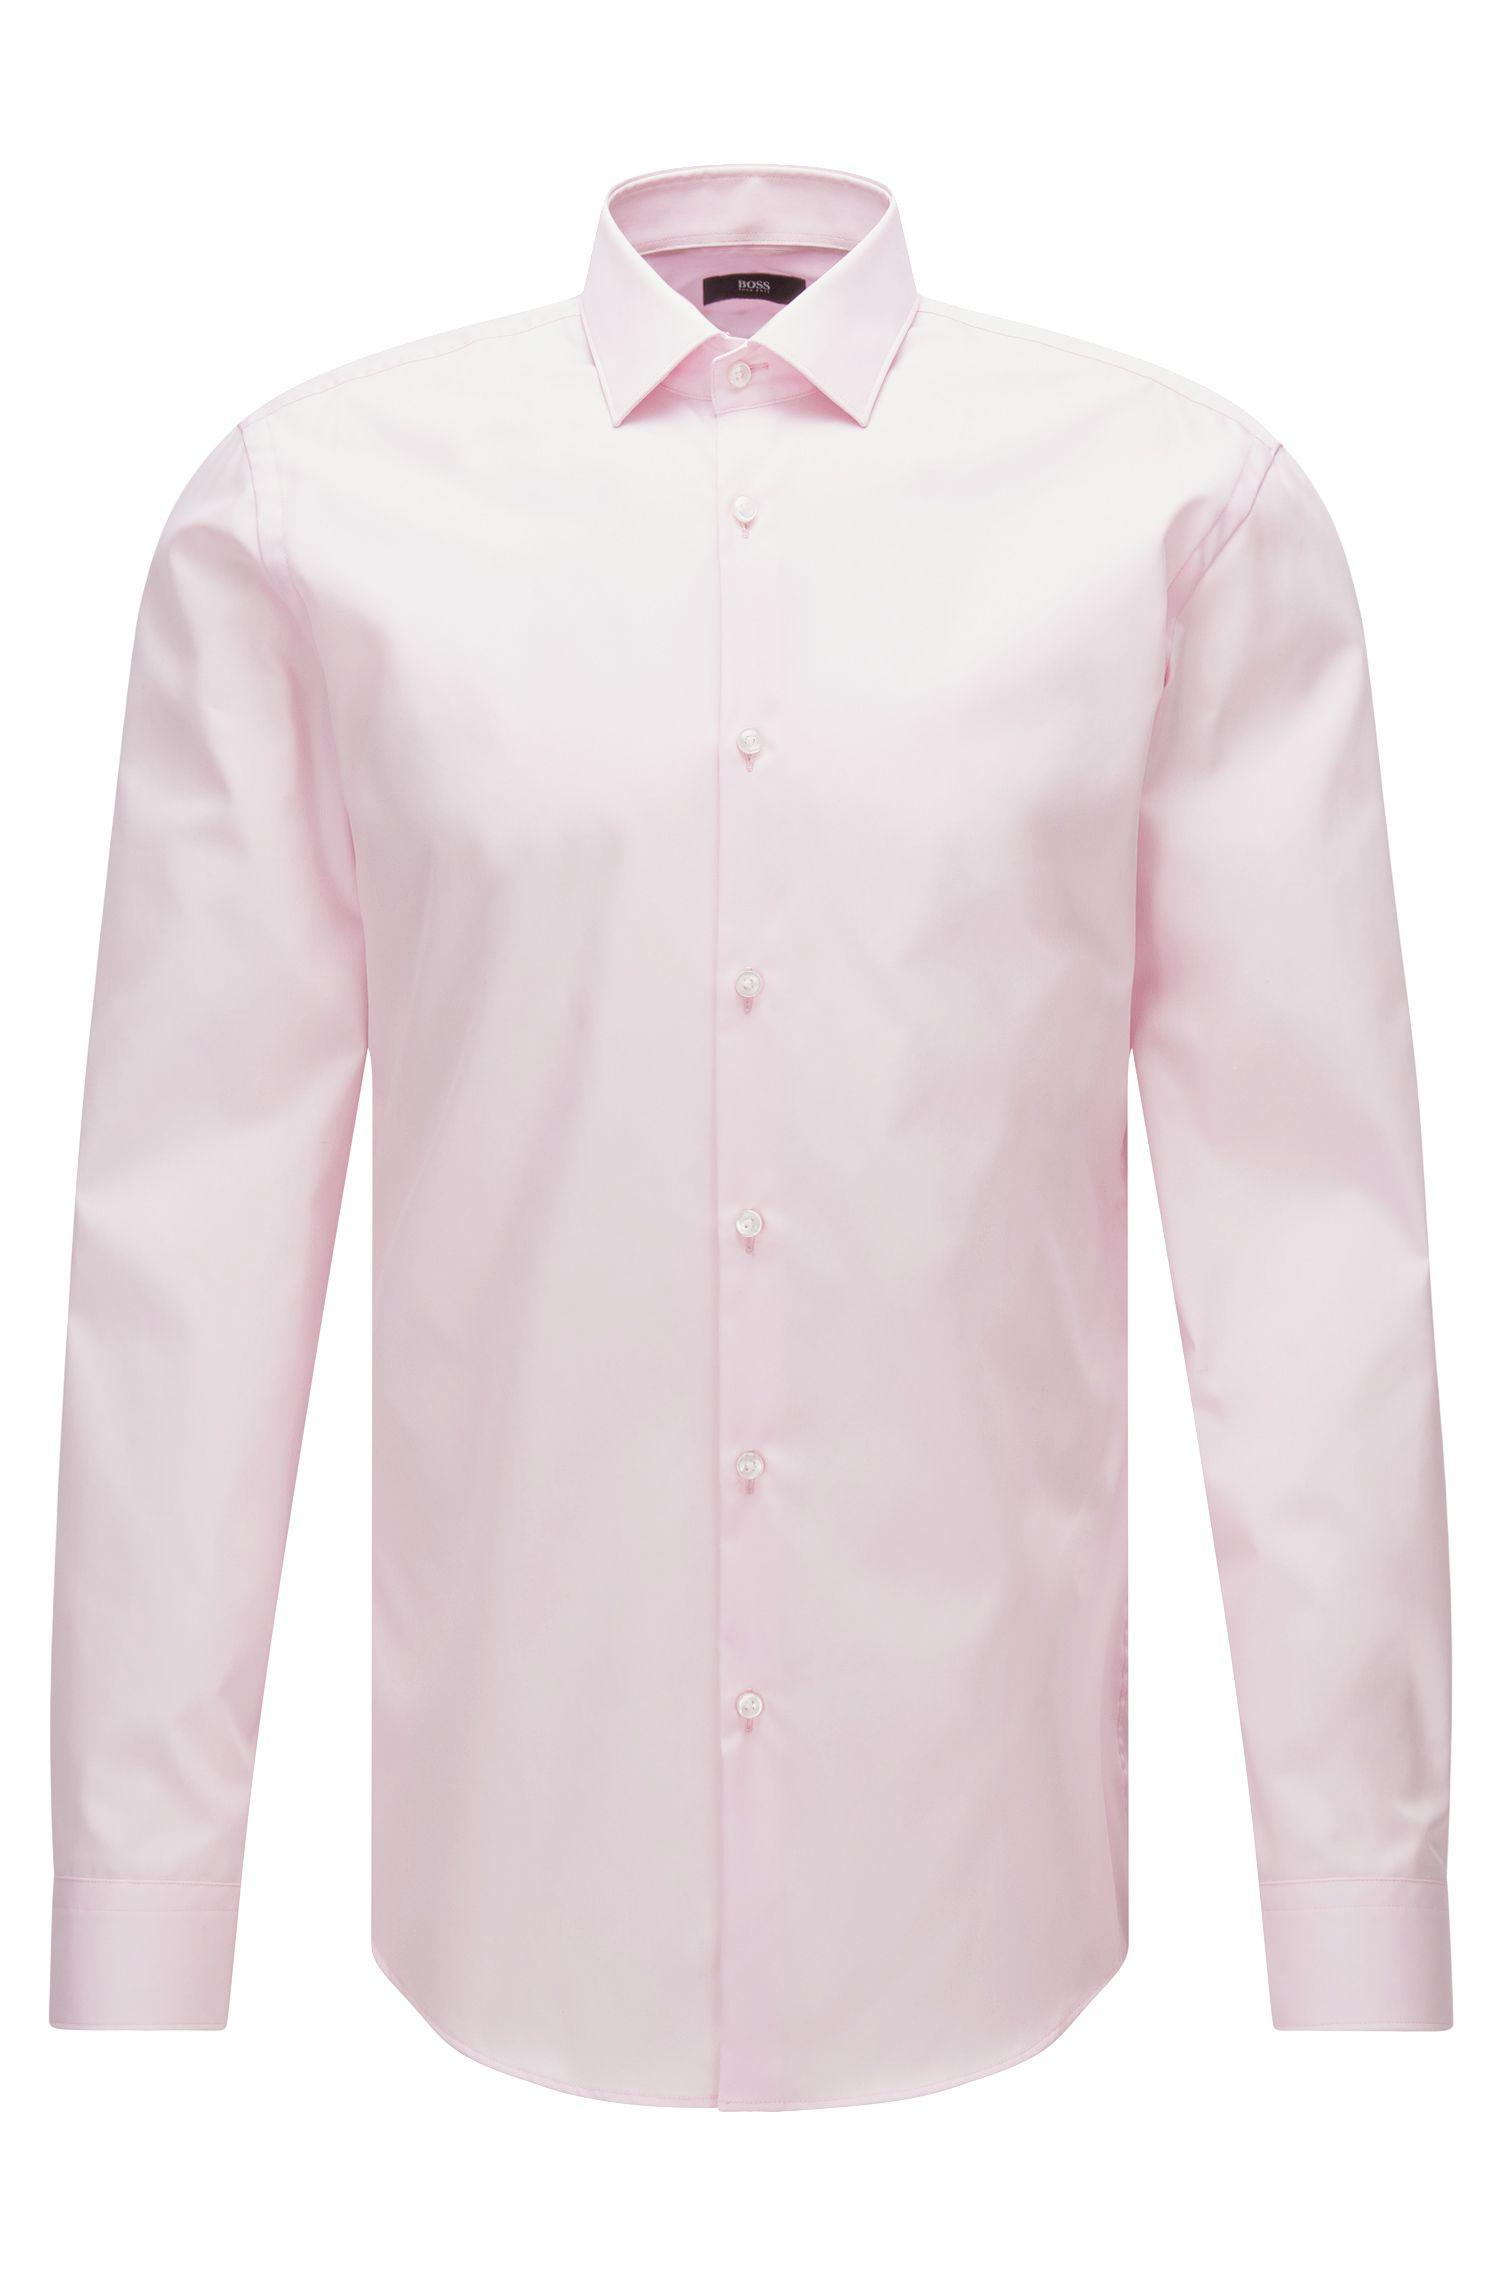 Camicia slim fit in popeline di cotone in tinta unita